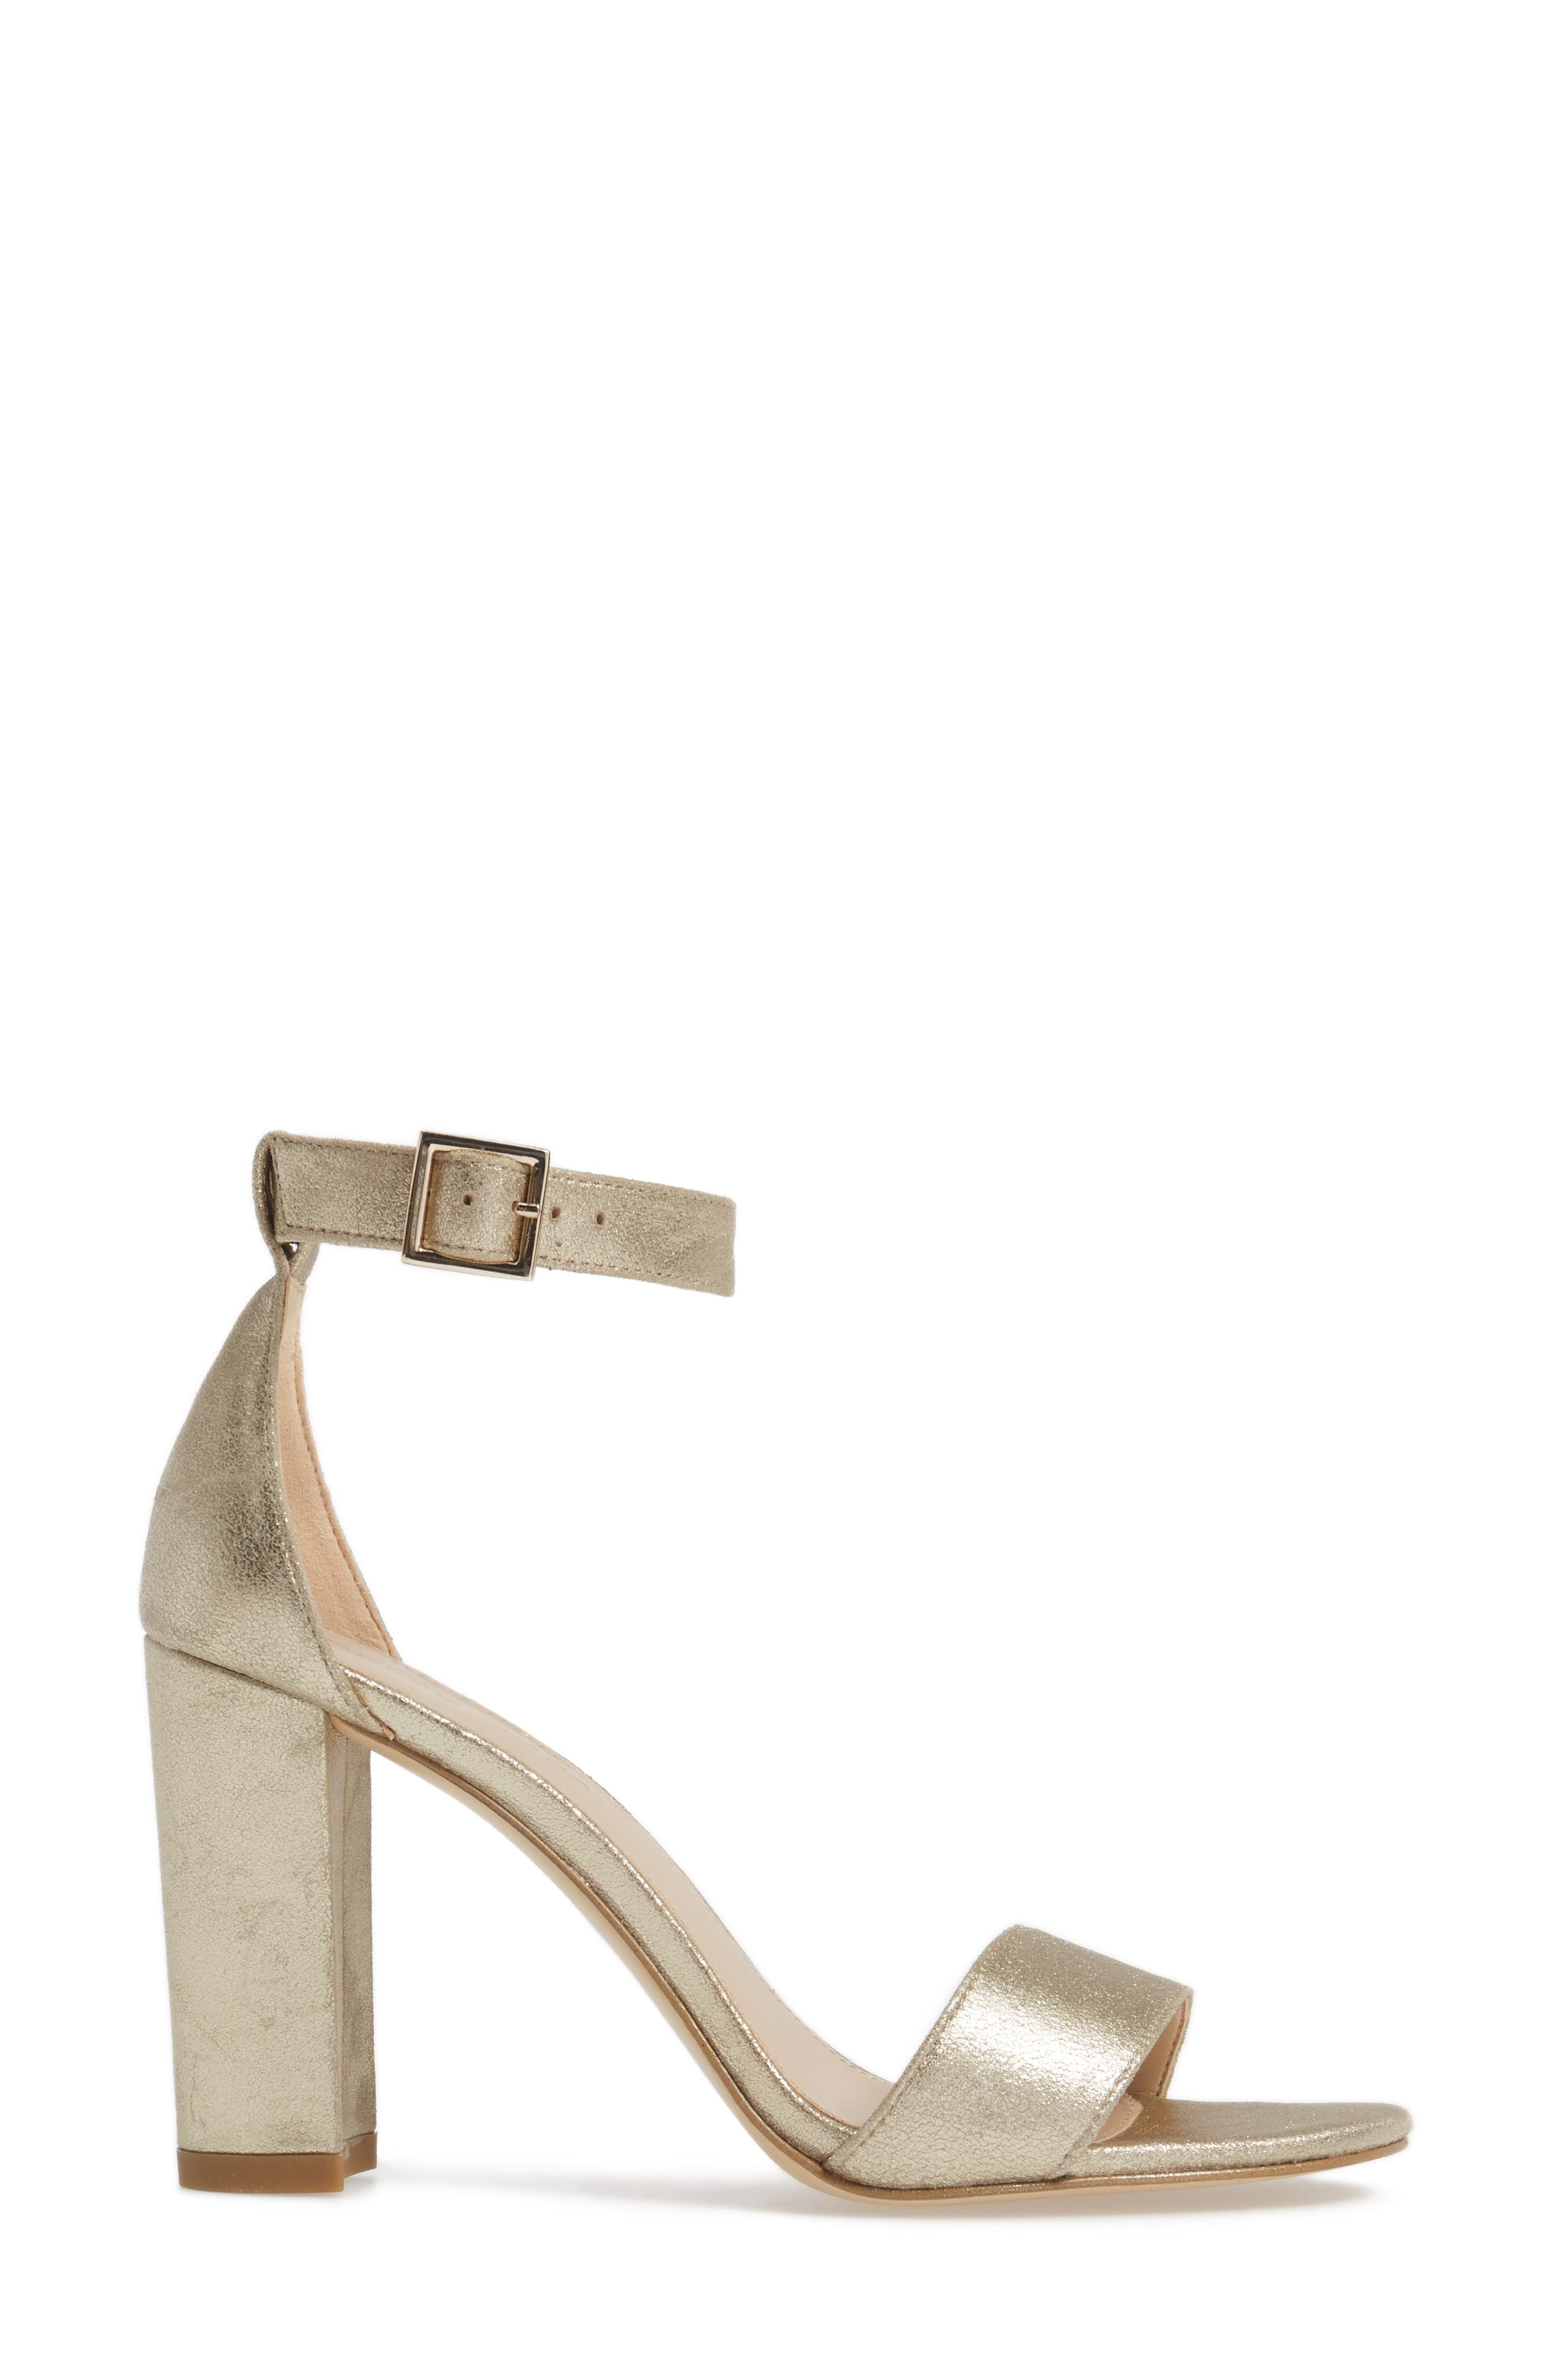 Alternate Image 3  - Pelle Moda 'Bonnie' Ankle Strap Sandal (Women)